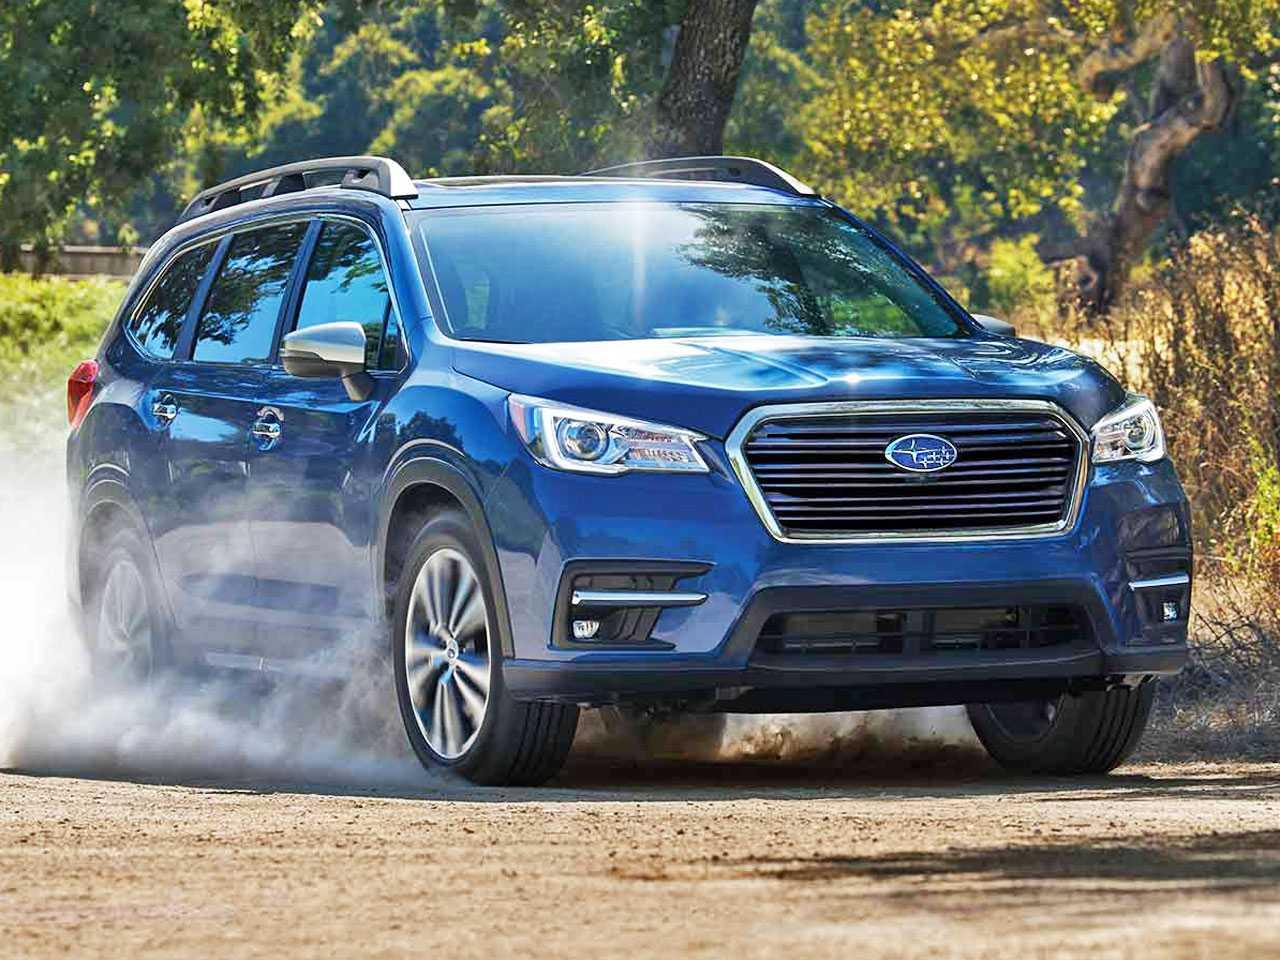 O Subaru Ascent possui tração integral (AWD)